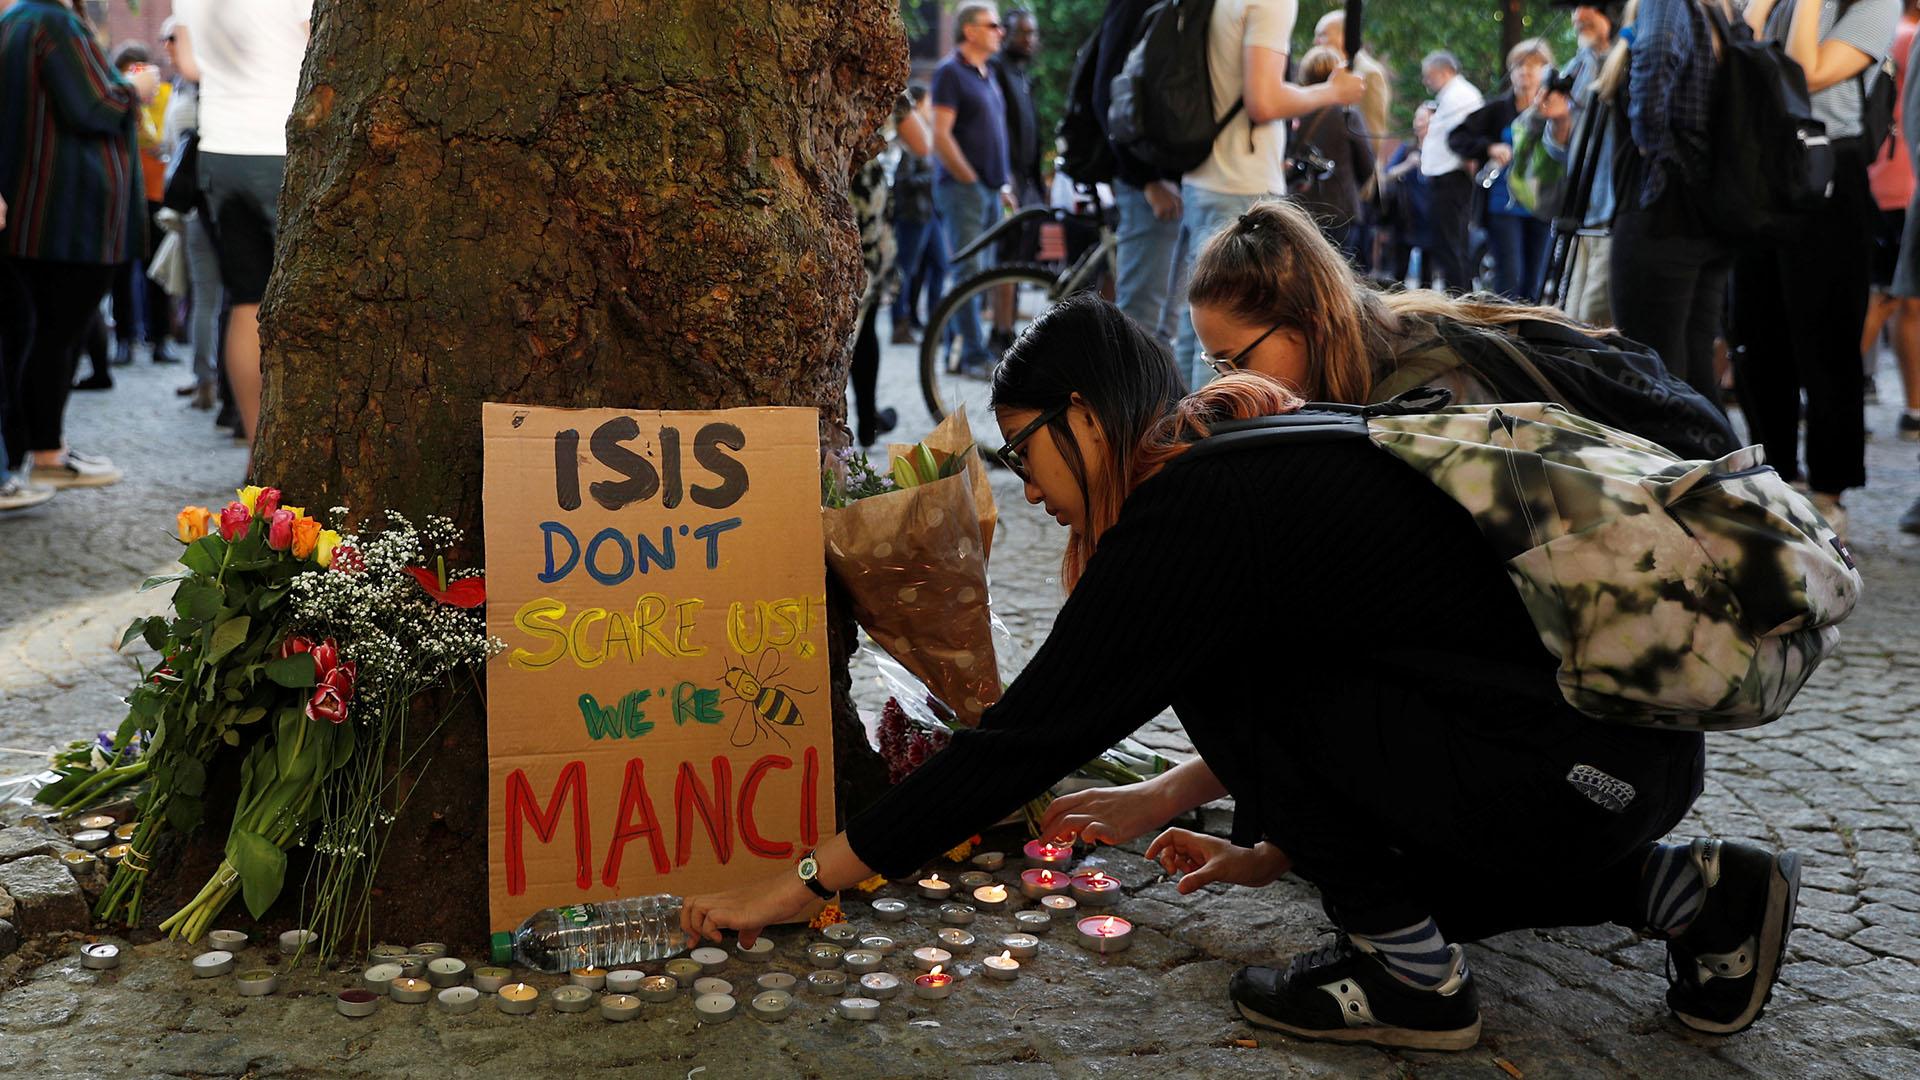 """""""ISIS no nos asusta"""", señala un cartel apoyado sobre un árbol (REUTERS)"""